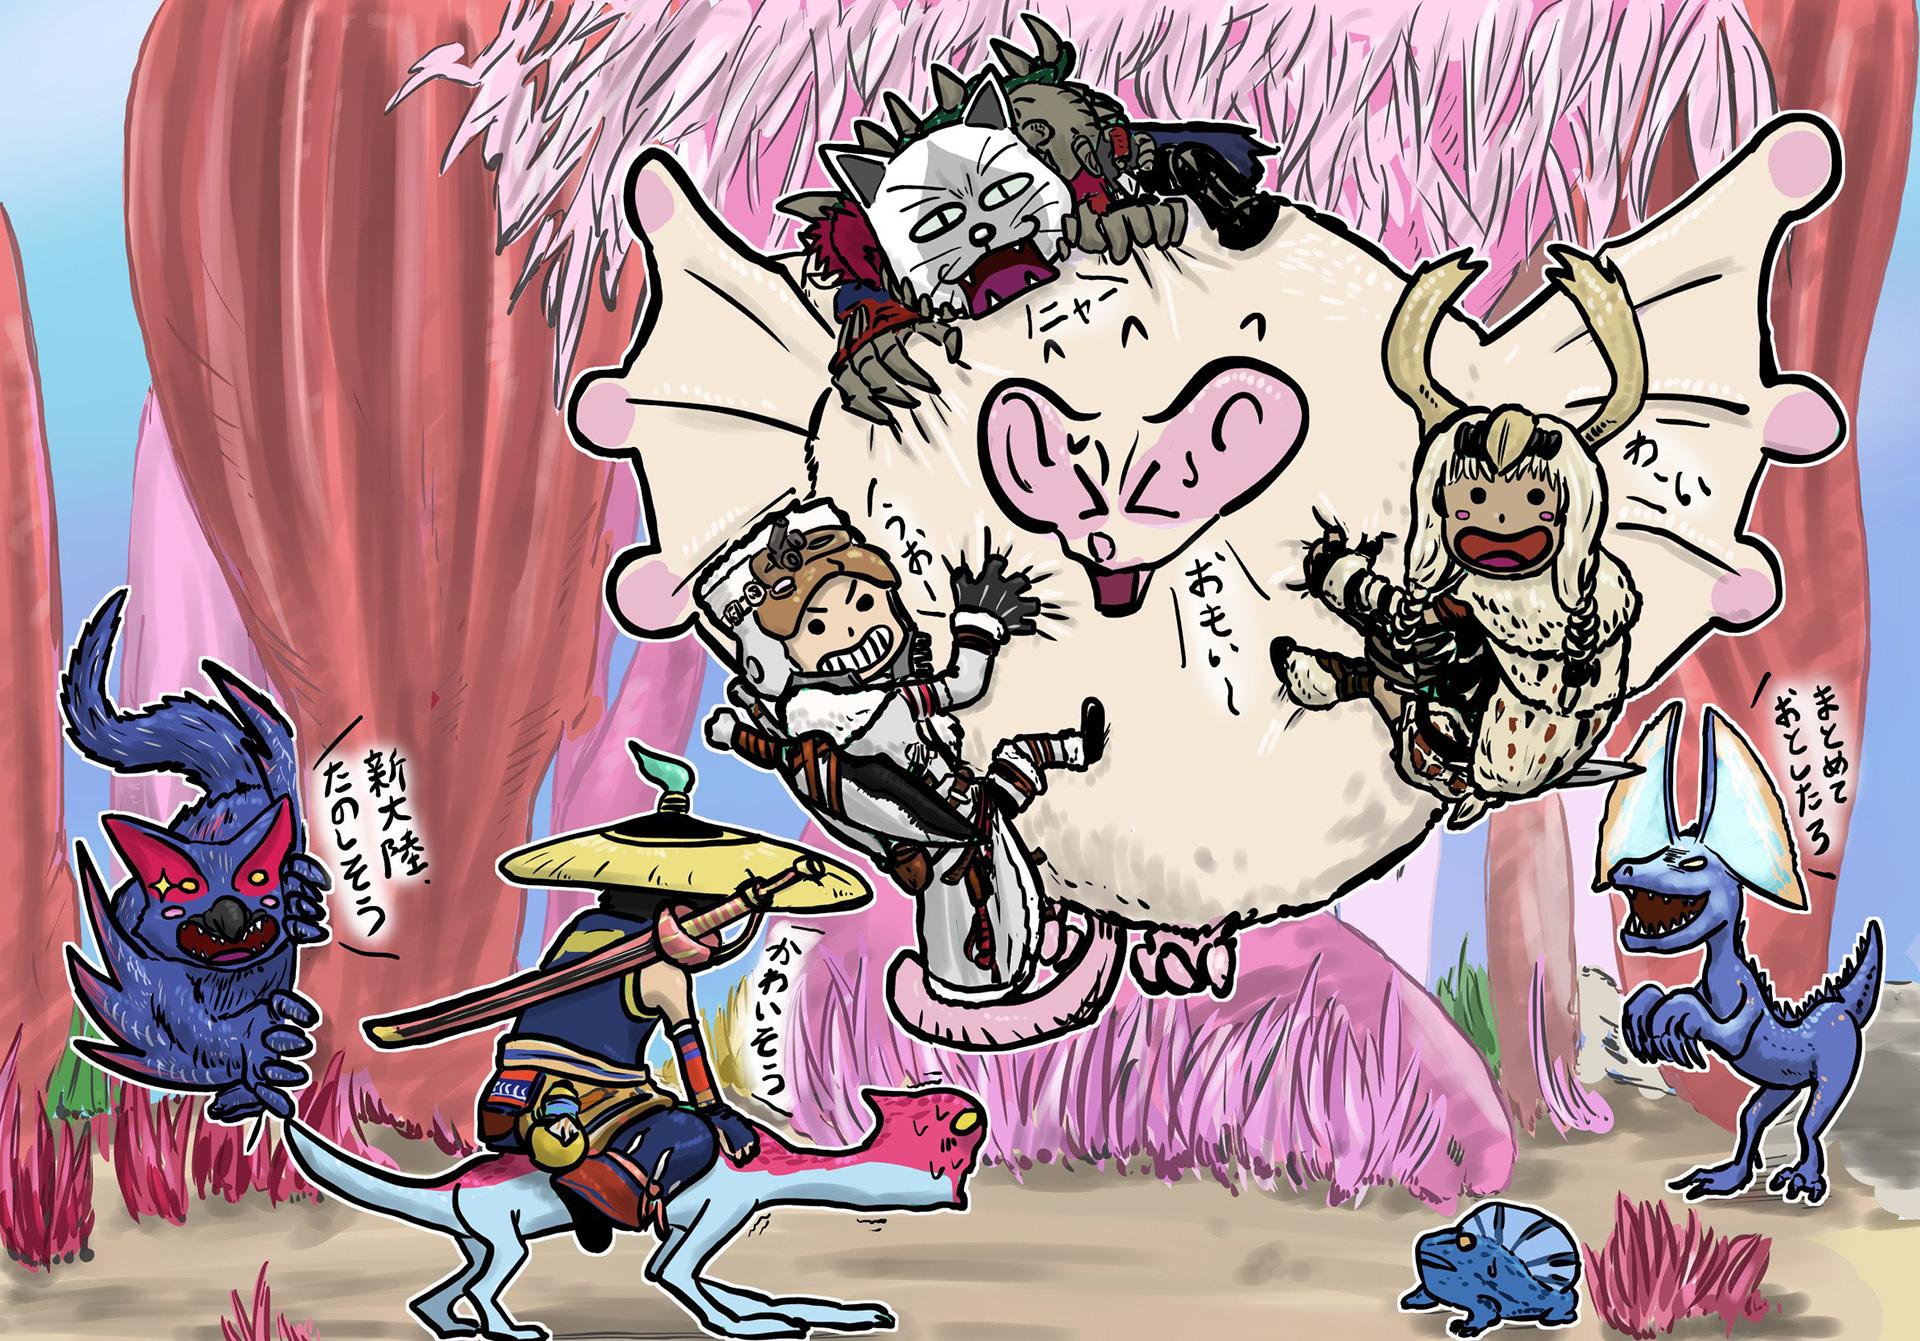 《怪物猎人》官方插画大赛评选揭晓 高玩手绘精美异常